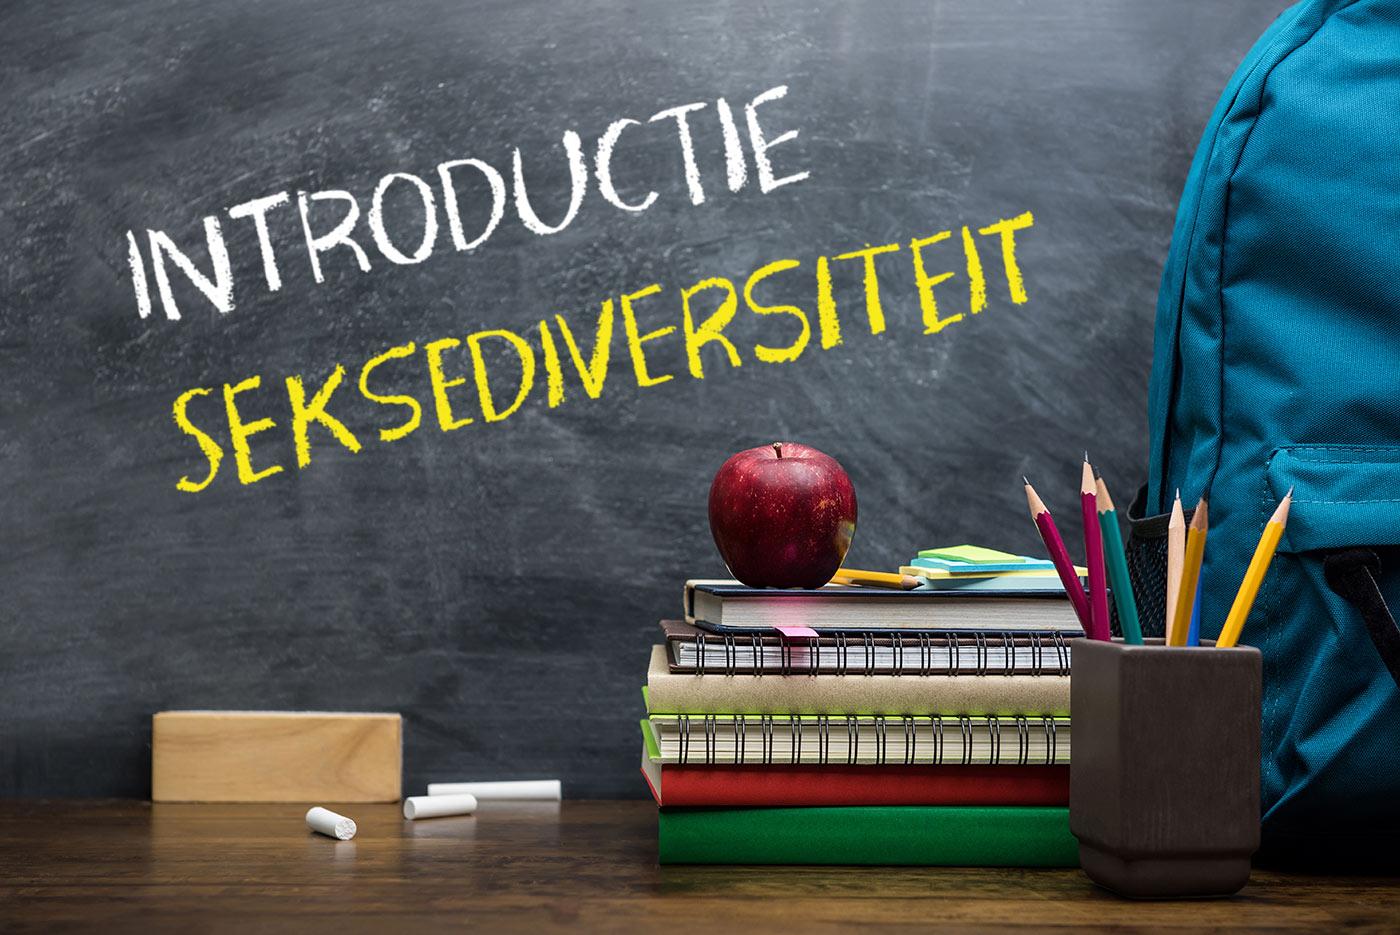 Schoolbord met daarop geschreven de woorden 'introductie seksediversiteit' en met op de voorgrond een appel, een wisser, een schooltas een aantal schriften of boeken en een bakje met een aantal potloden.